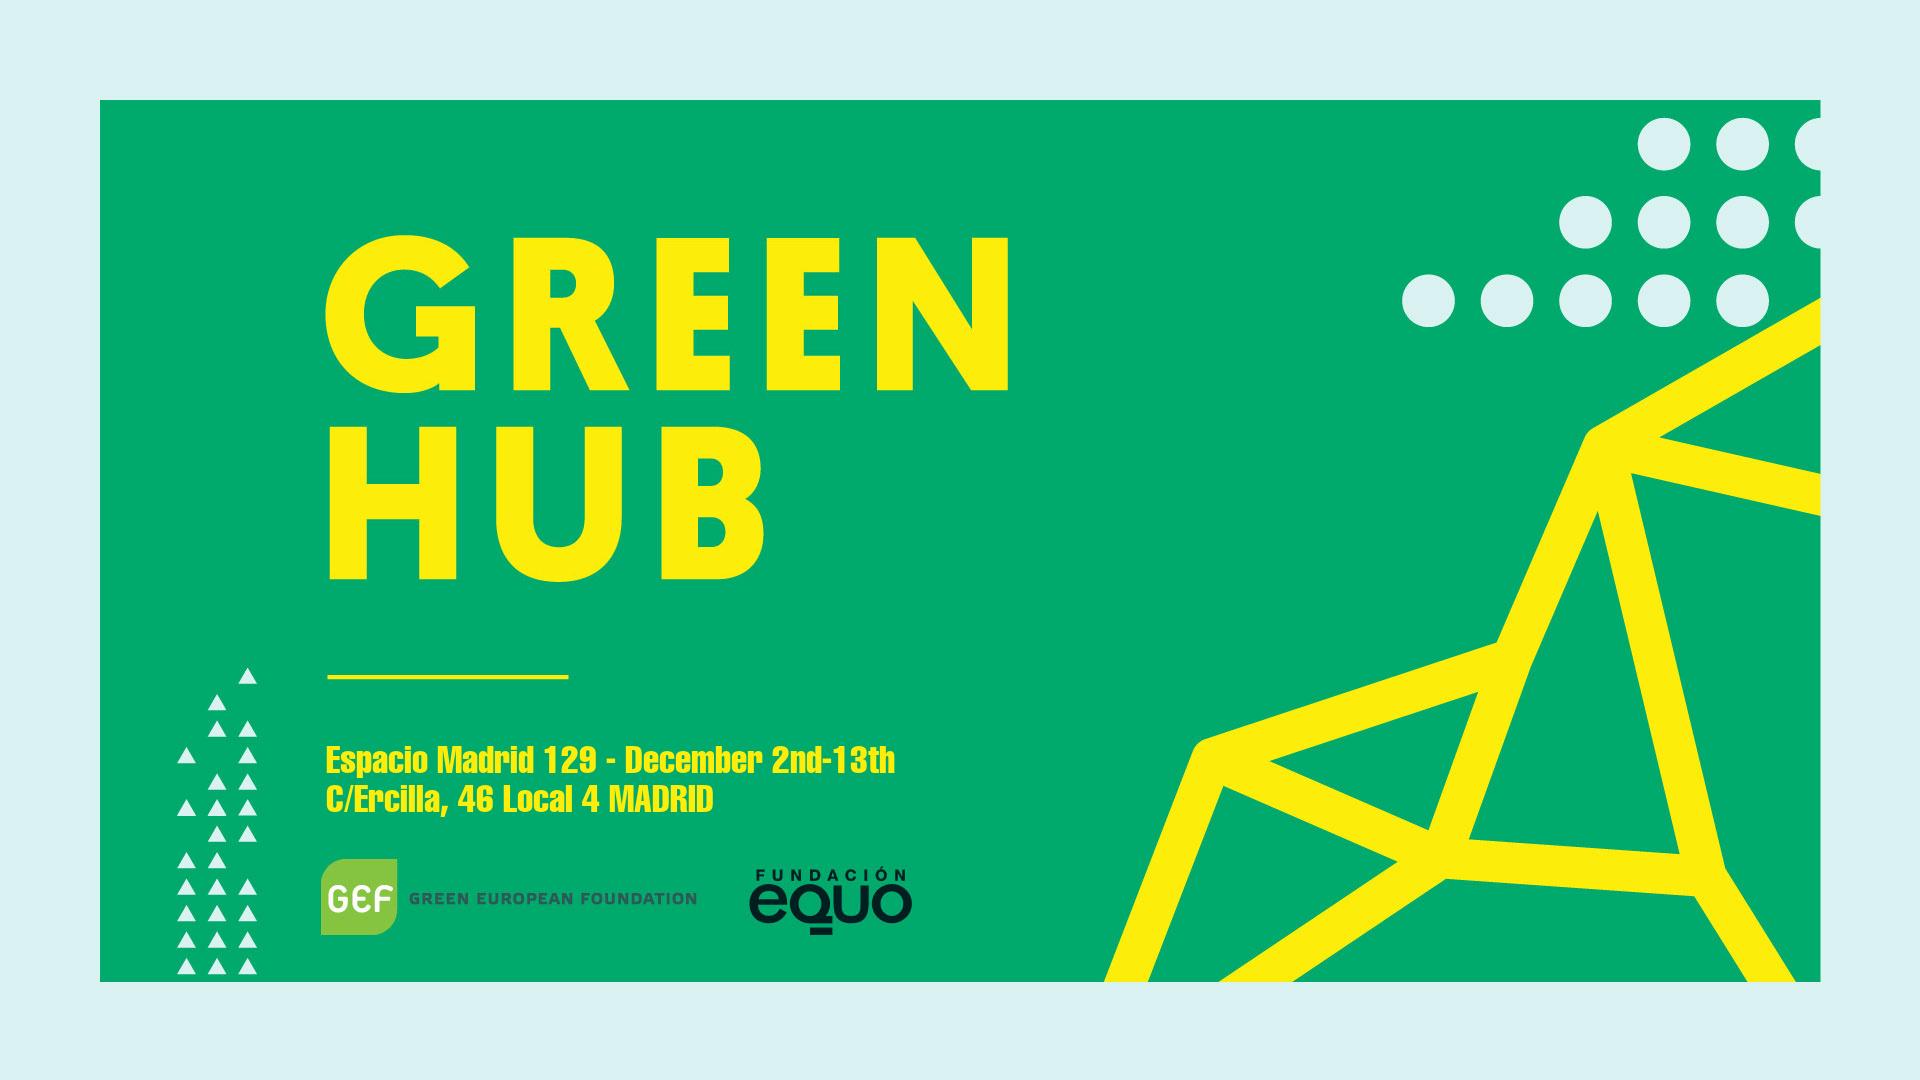 Green Hub: El espacio del movimiento verde europeo durante la COP25